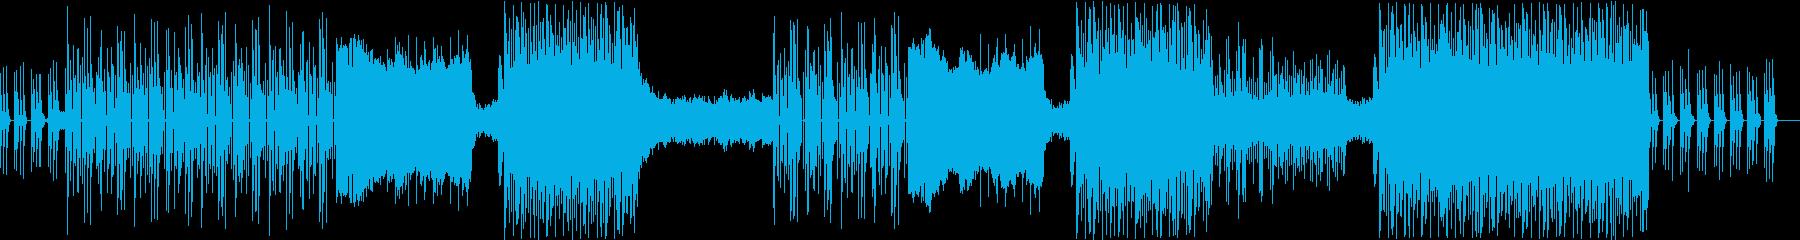 展開多めのポップな洋楽ビートの再生済みの波形